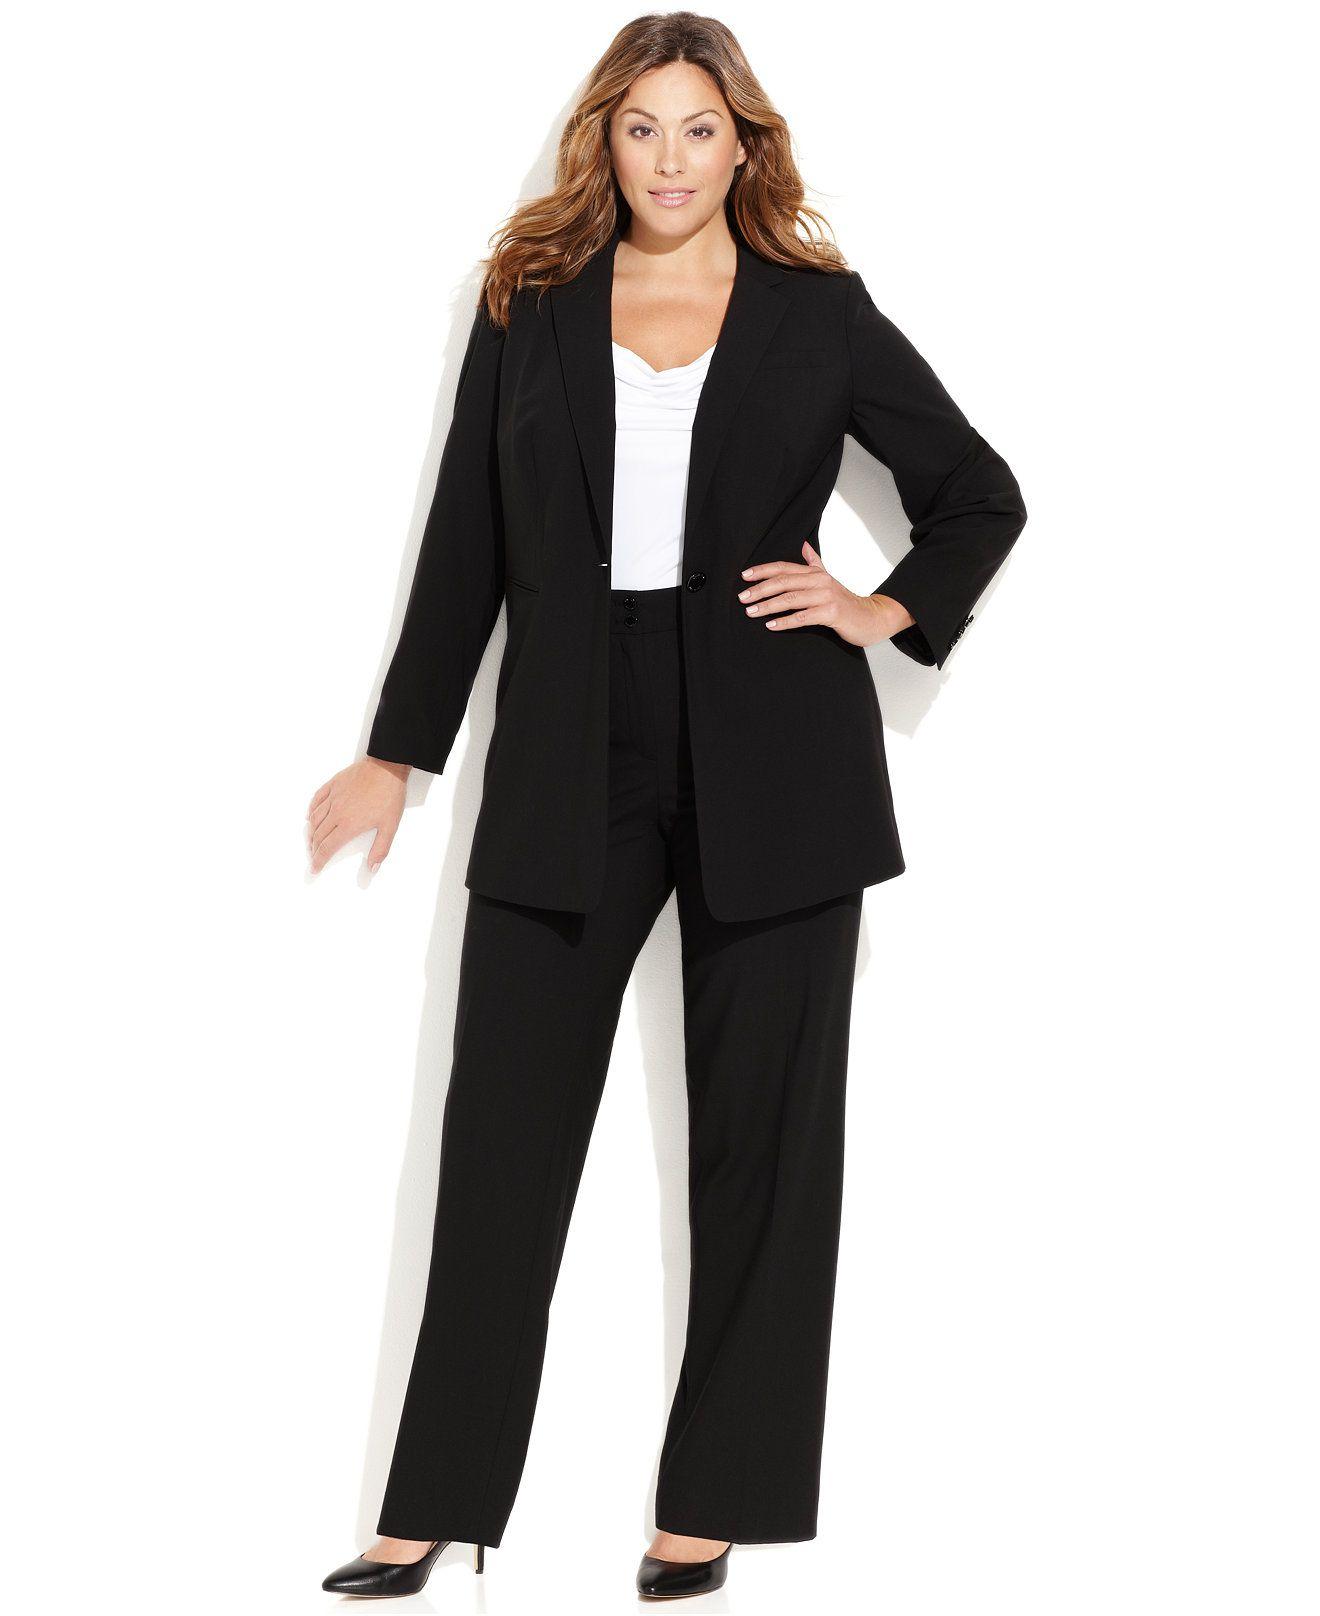 4aa32340f792 Calvin Klein Plus Size Suit Separates Collection - Shop All Suits   Suit  Separates - Plus Sizes - Macy s